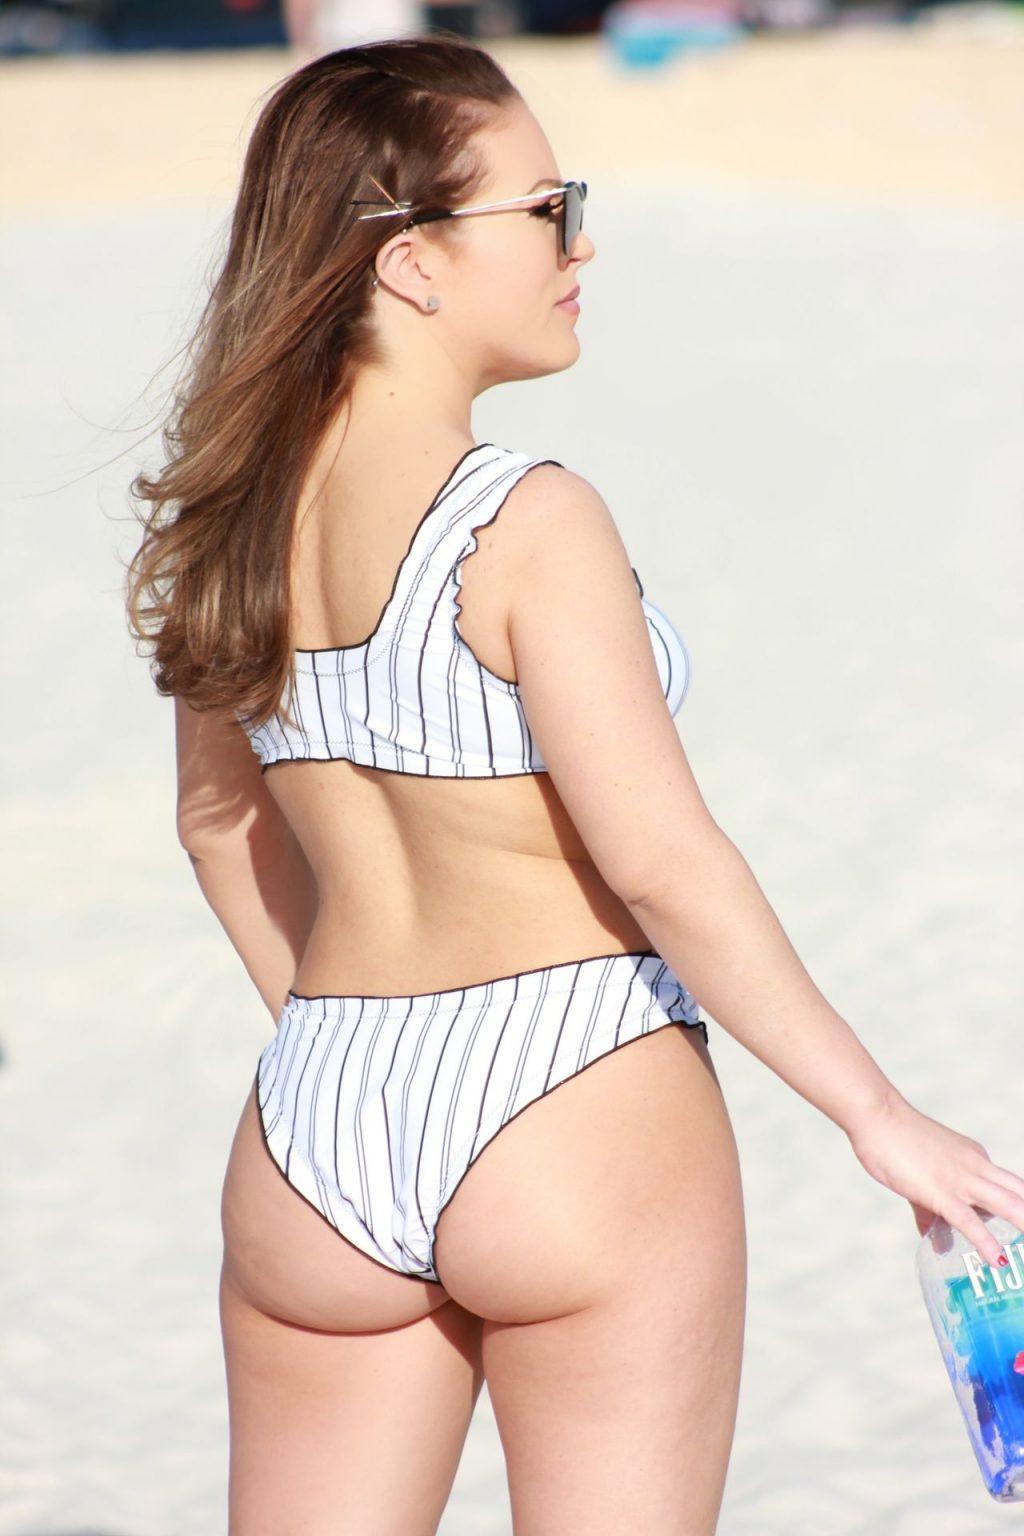 Carmen Valentina Shows Off Her Curves on the Beach (18 Photos)